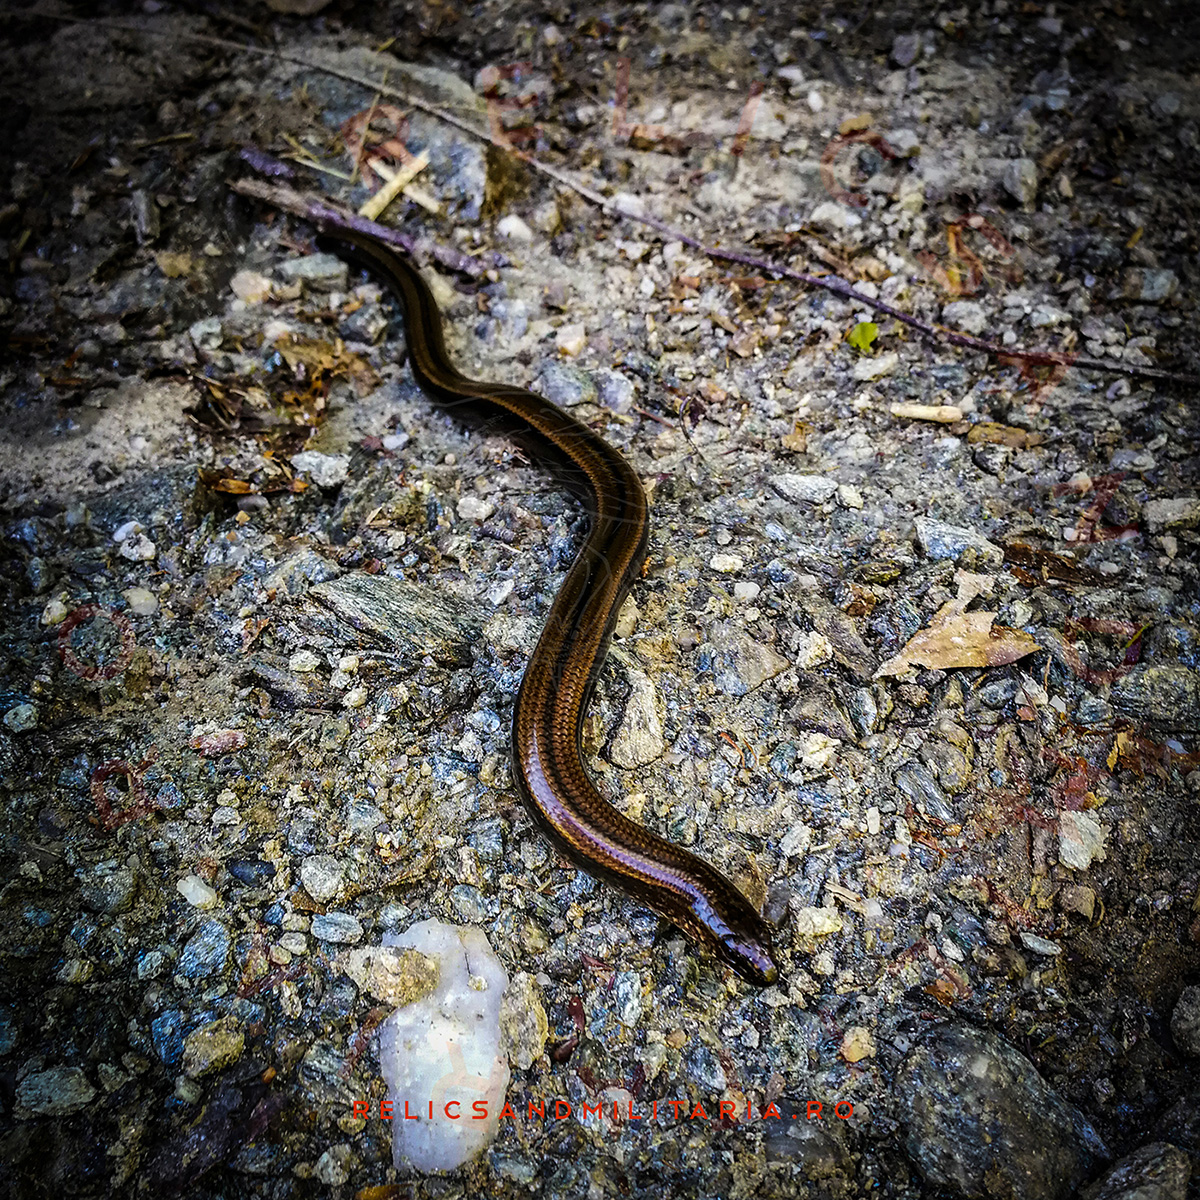 Non veninous grey snake